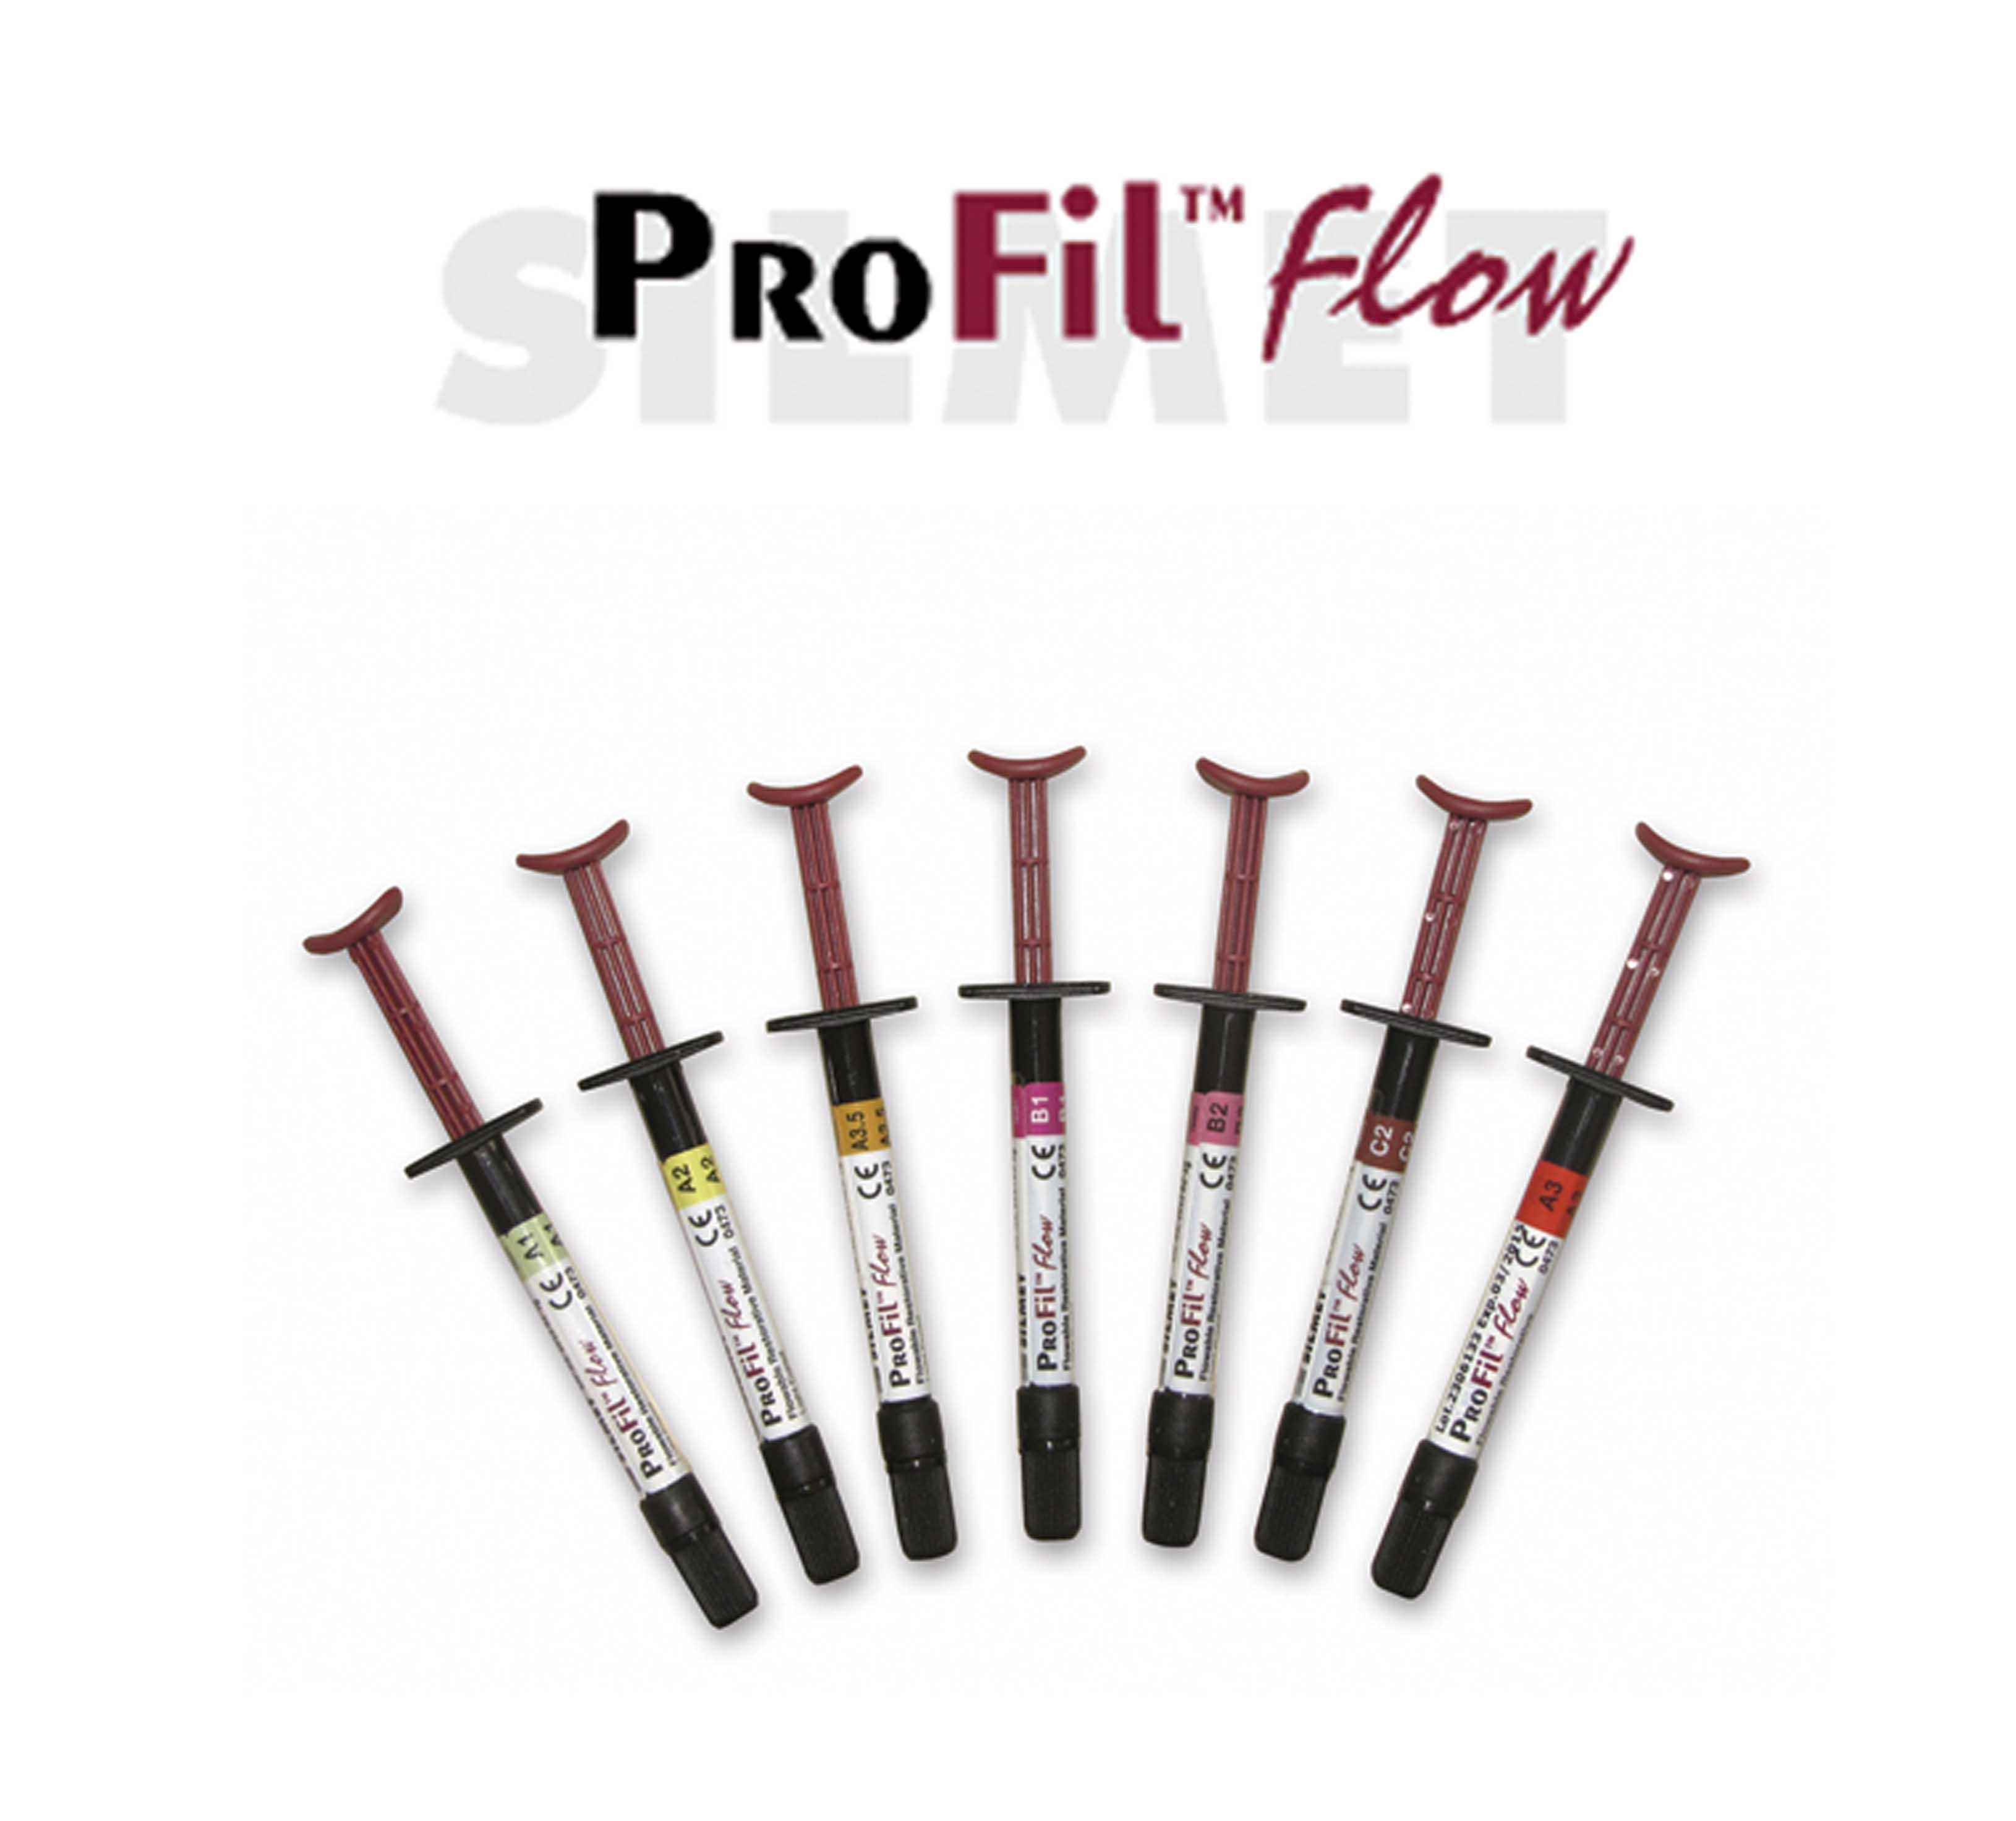 ProFil Flow